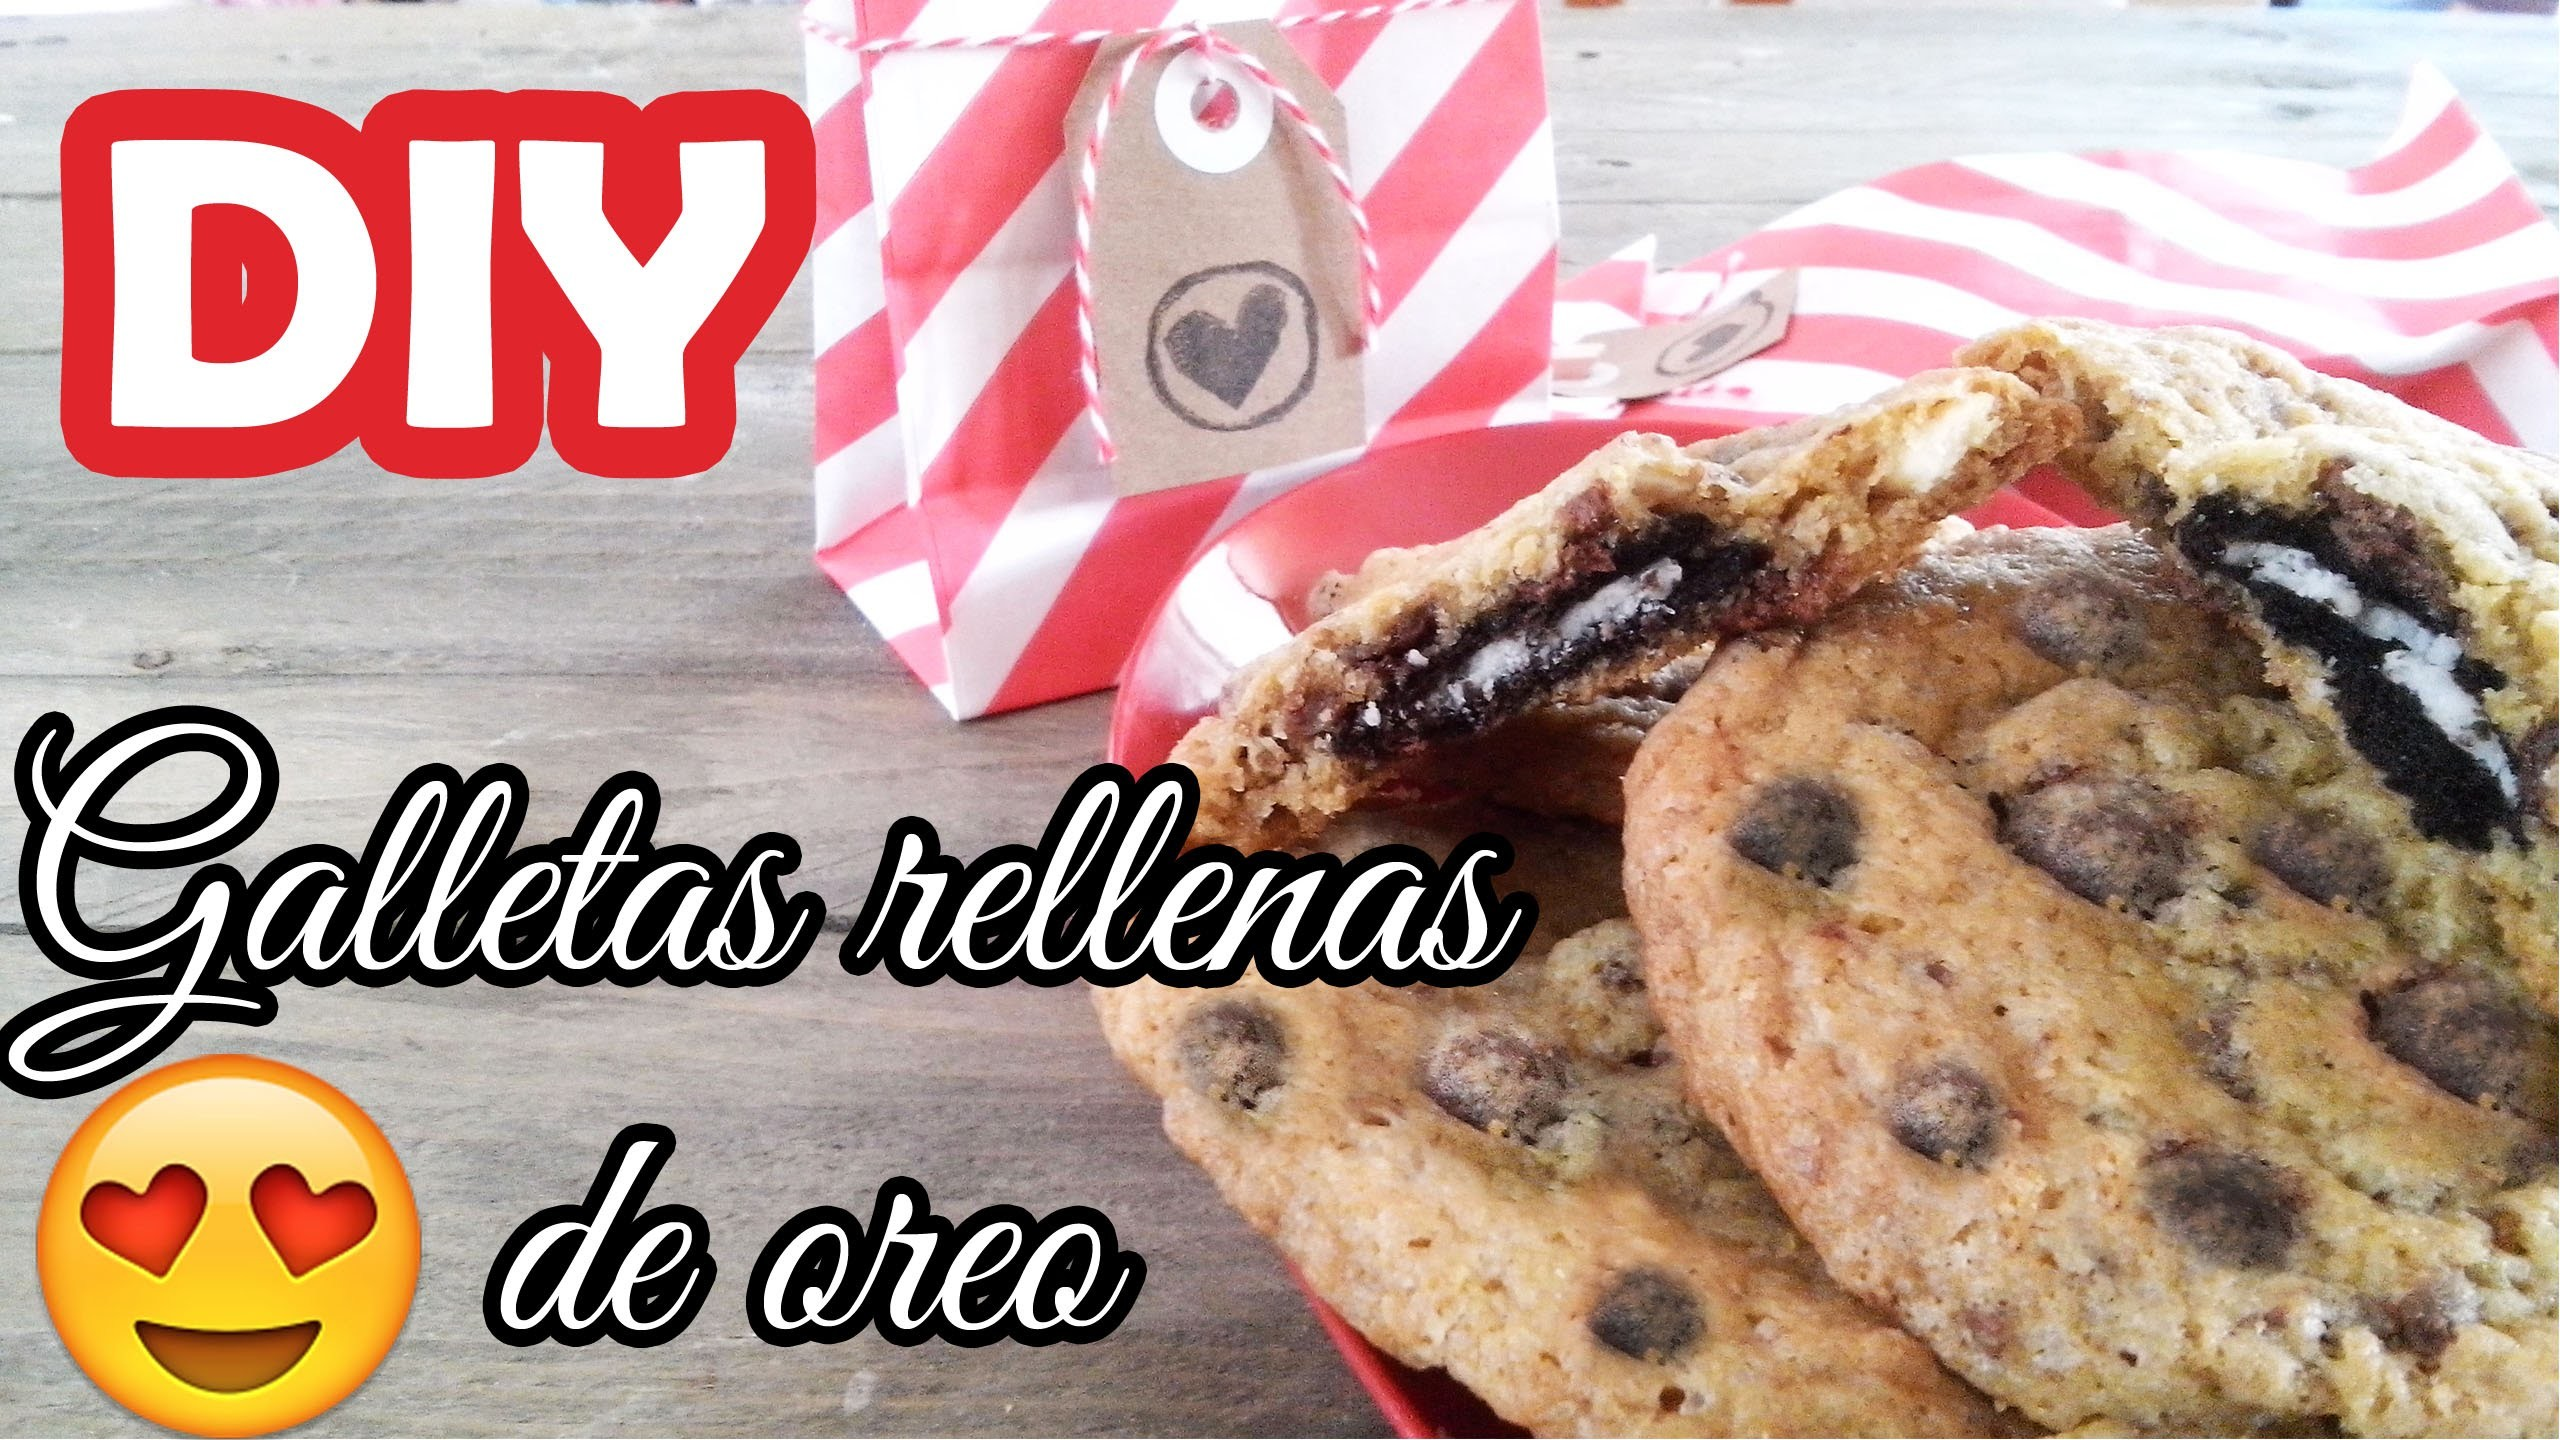 DIY ♥ Galletas rellenas de oreo ♥ San Valentin